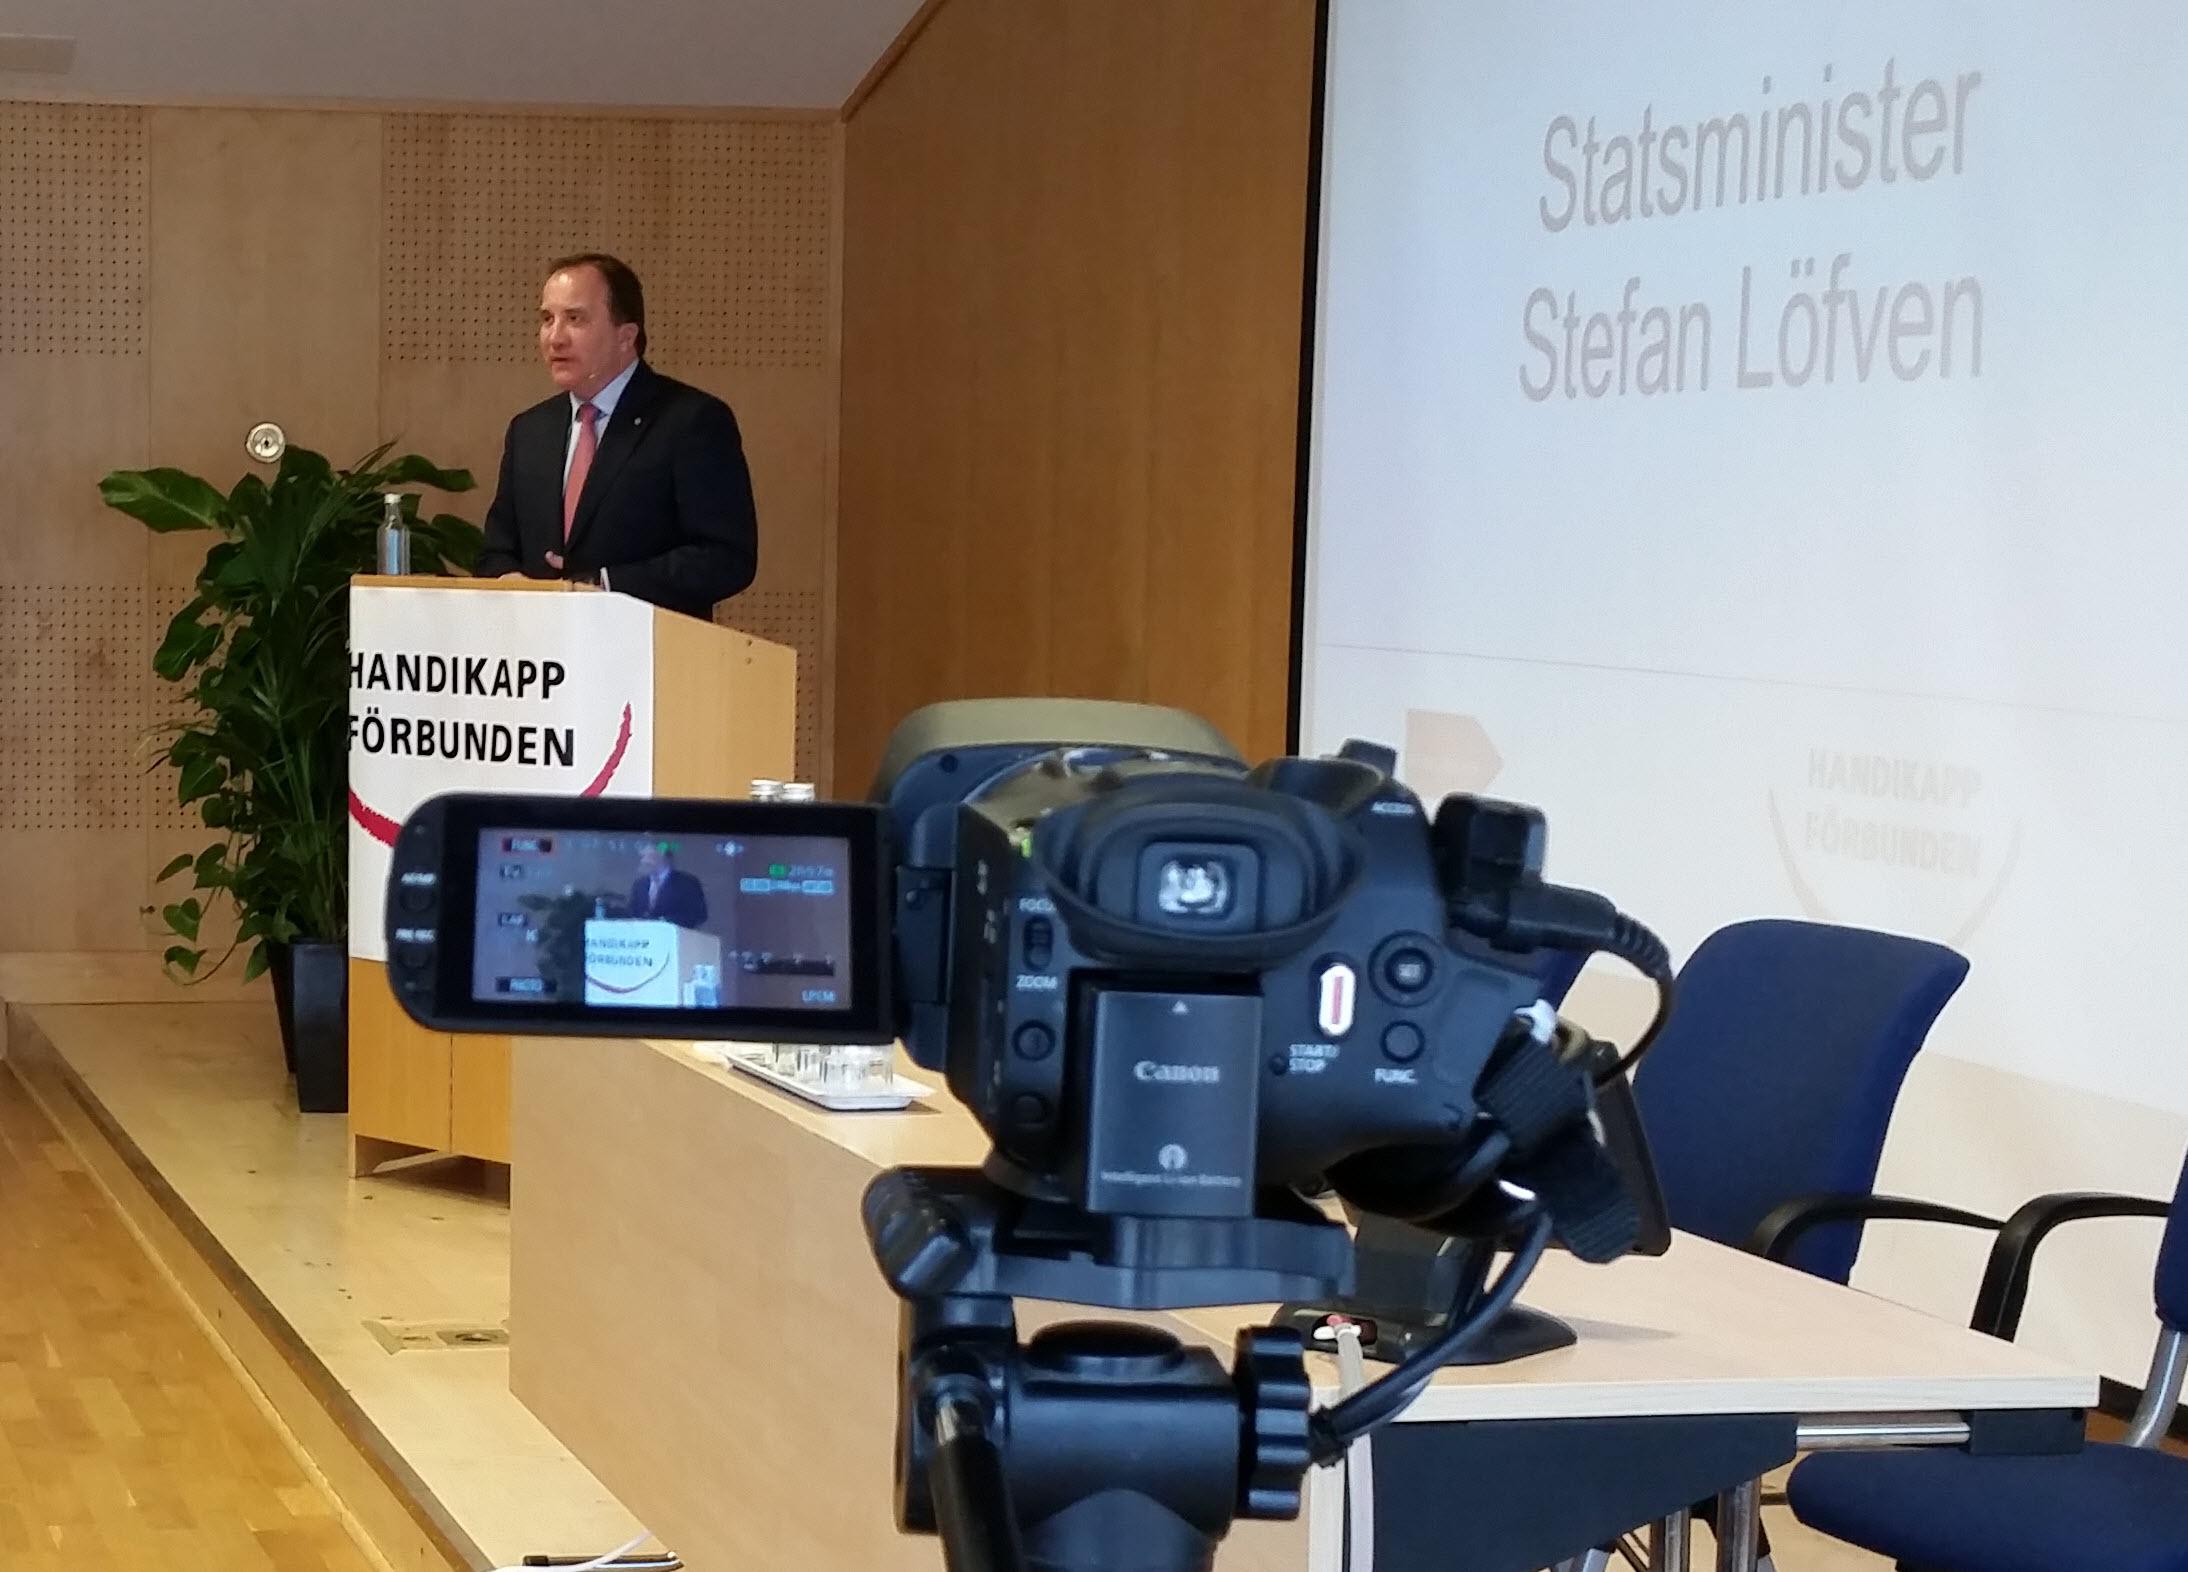 Stillbild från livesändningen av HSO Kongress 2015, Stefan Löfvén i talarstolen